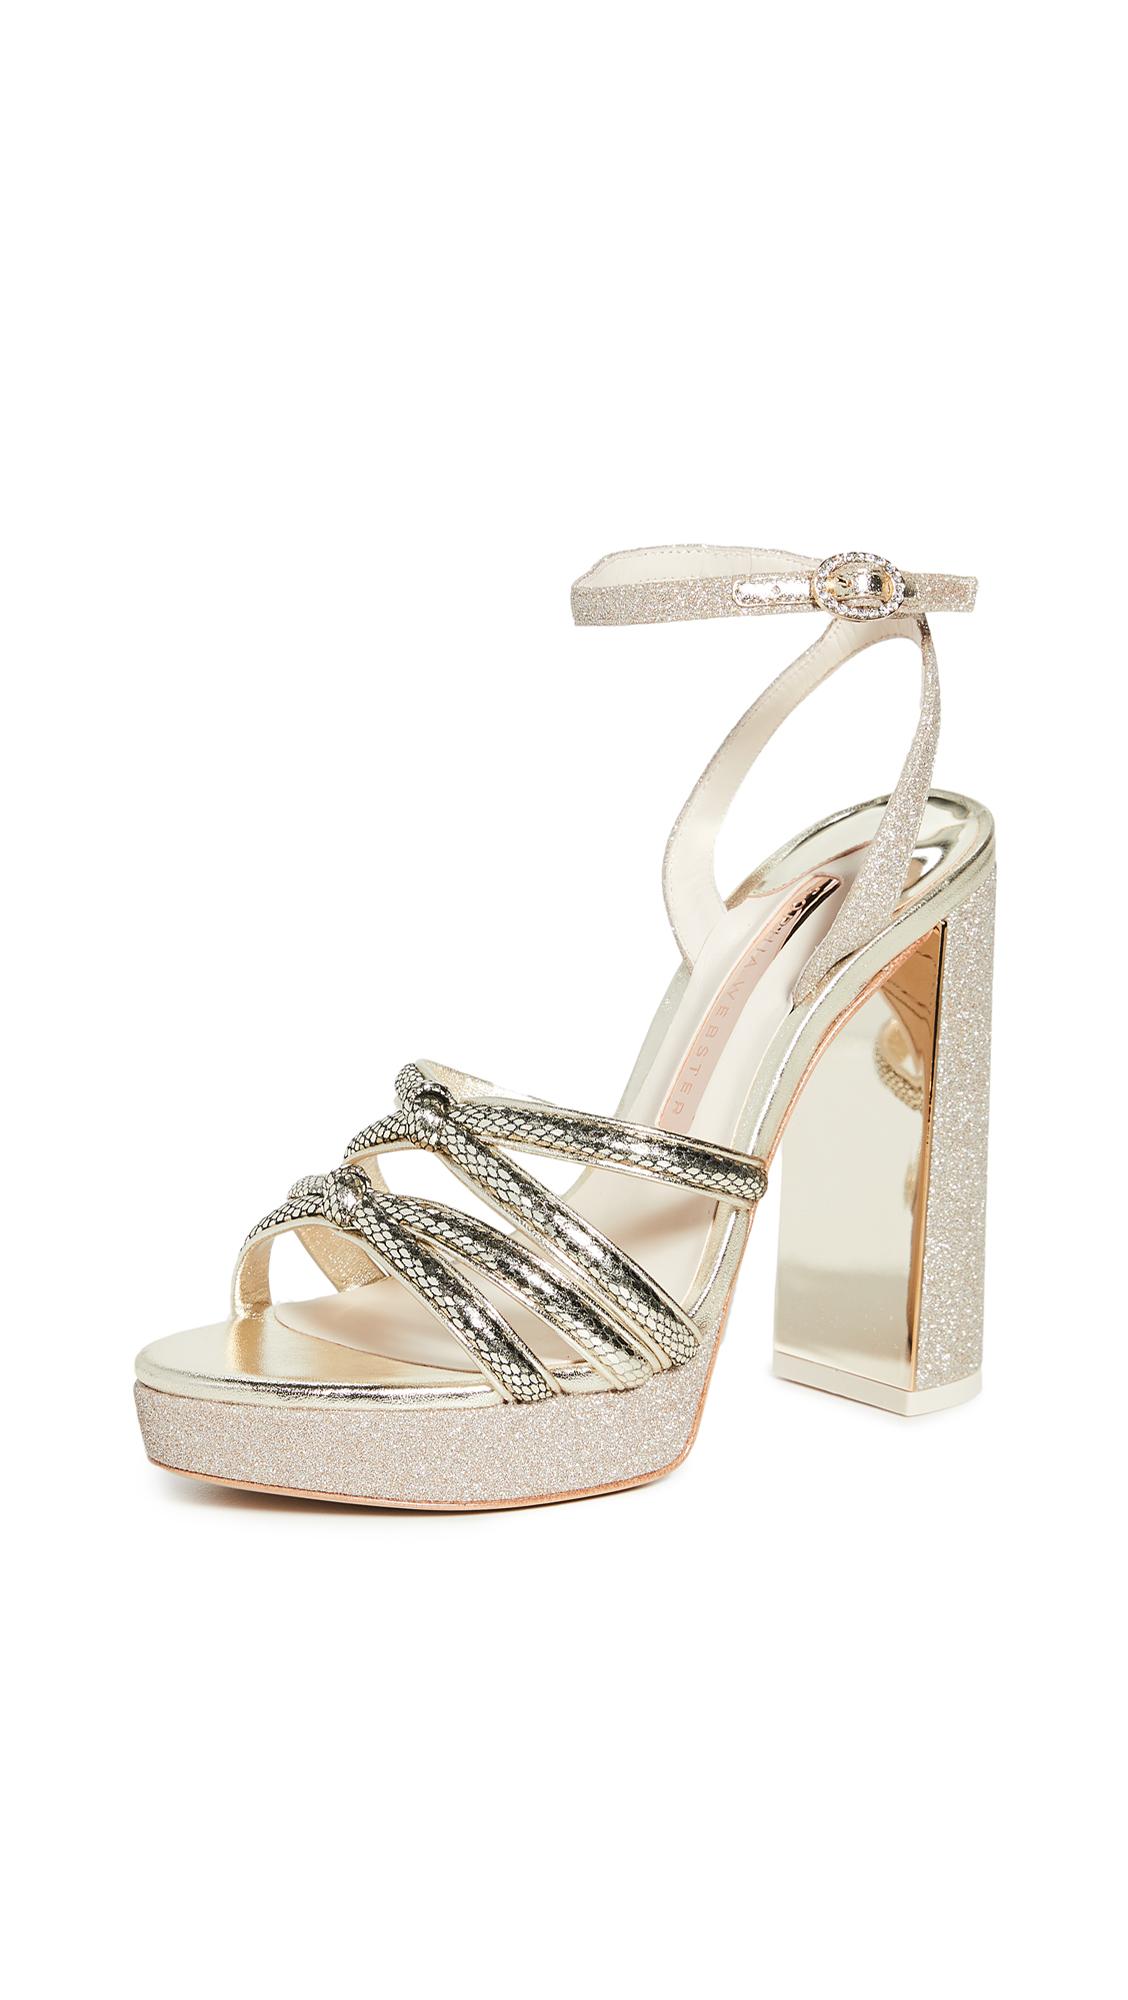 Sophia Webster Freya Platform Sandals - 70% Off Sale